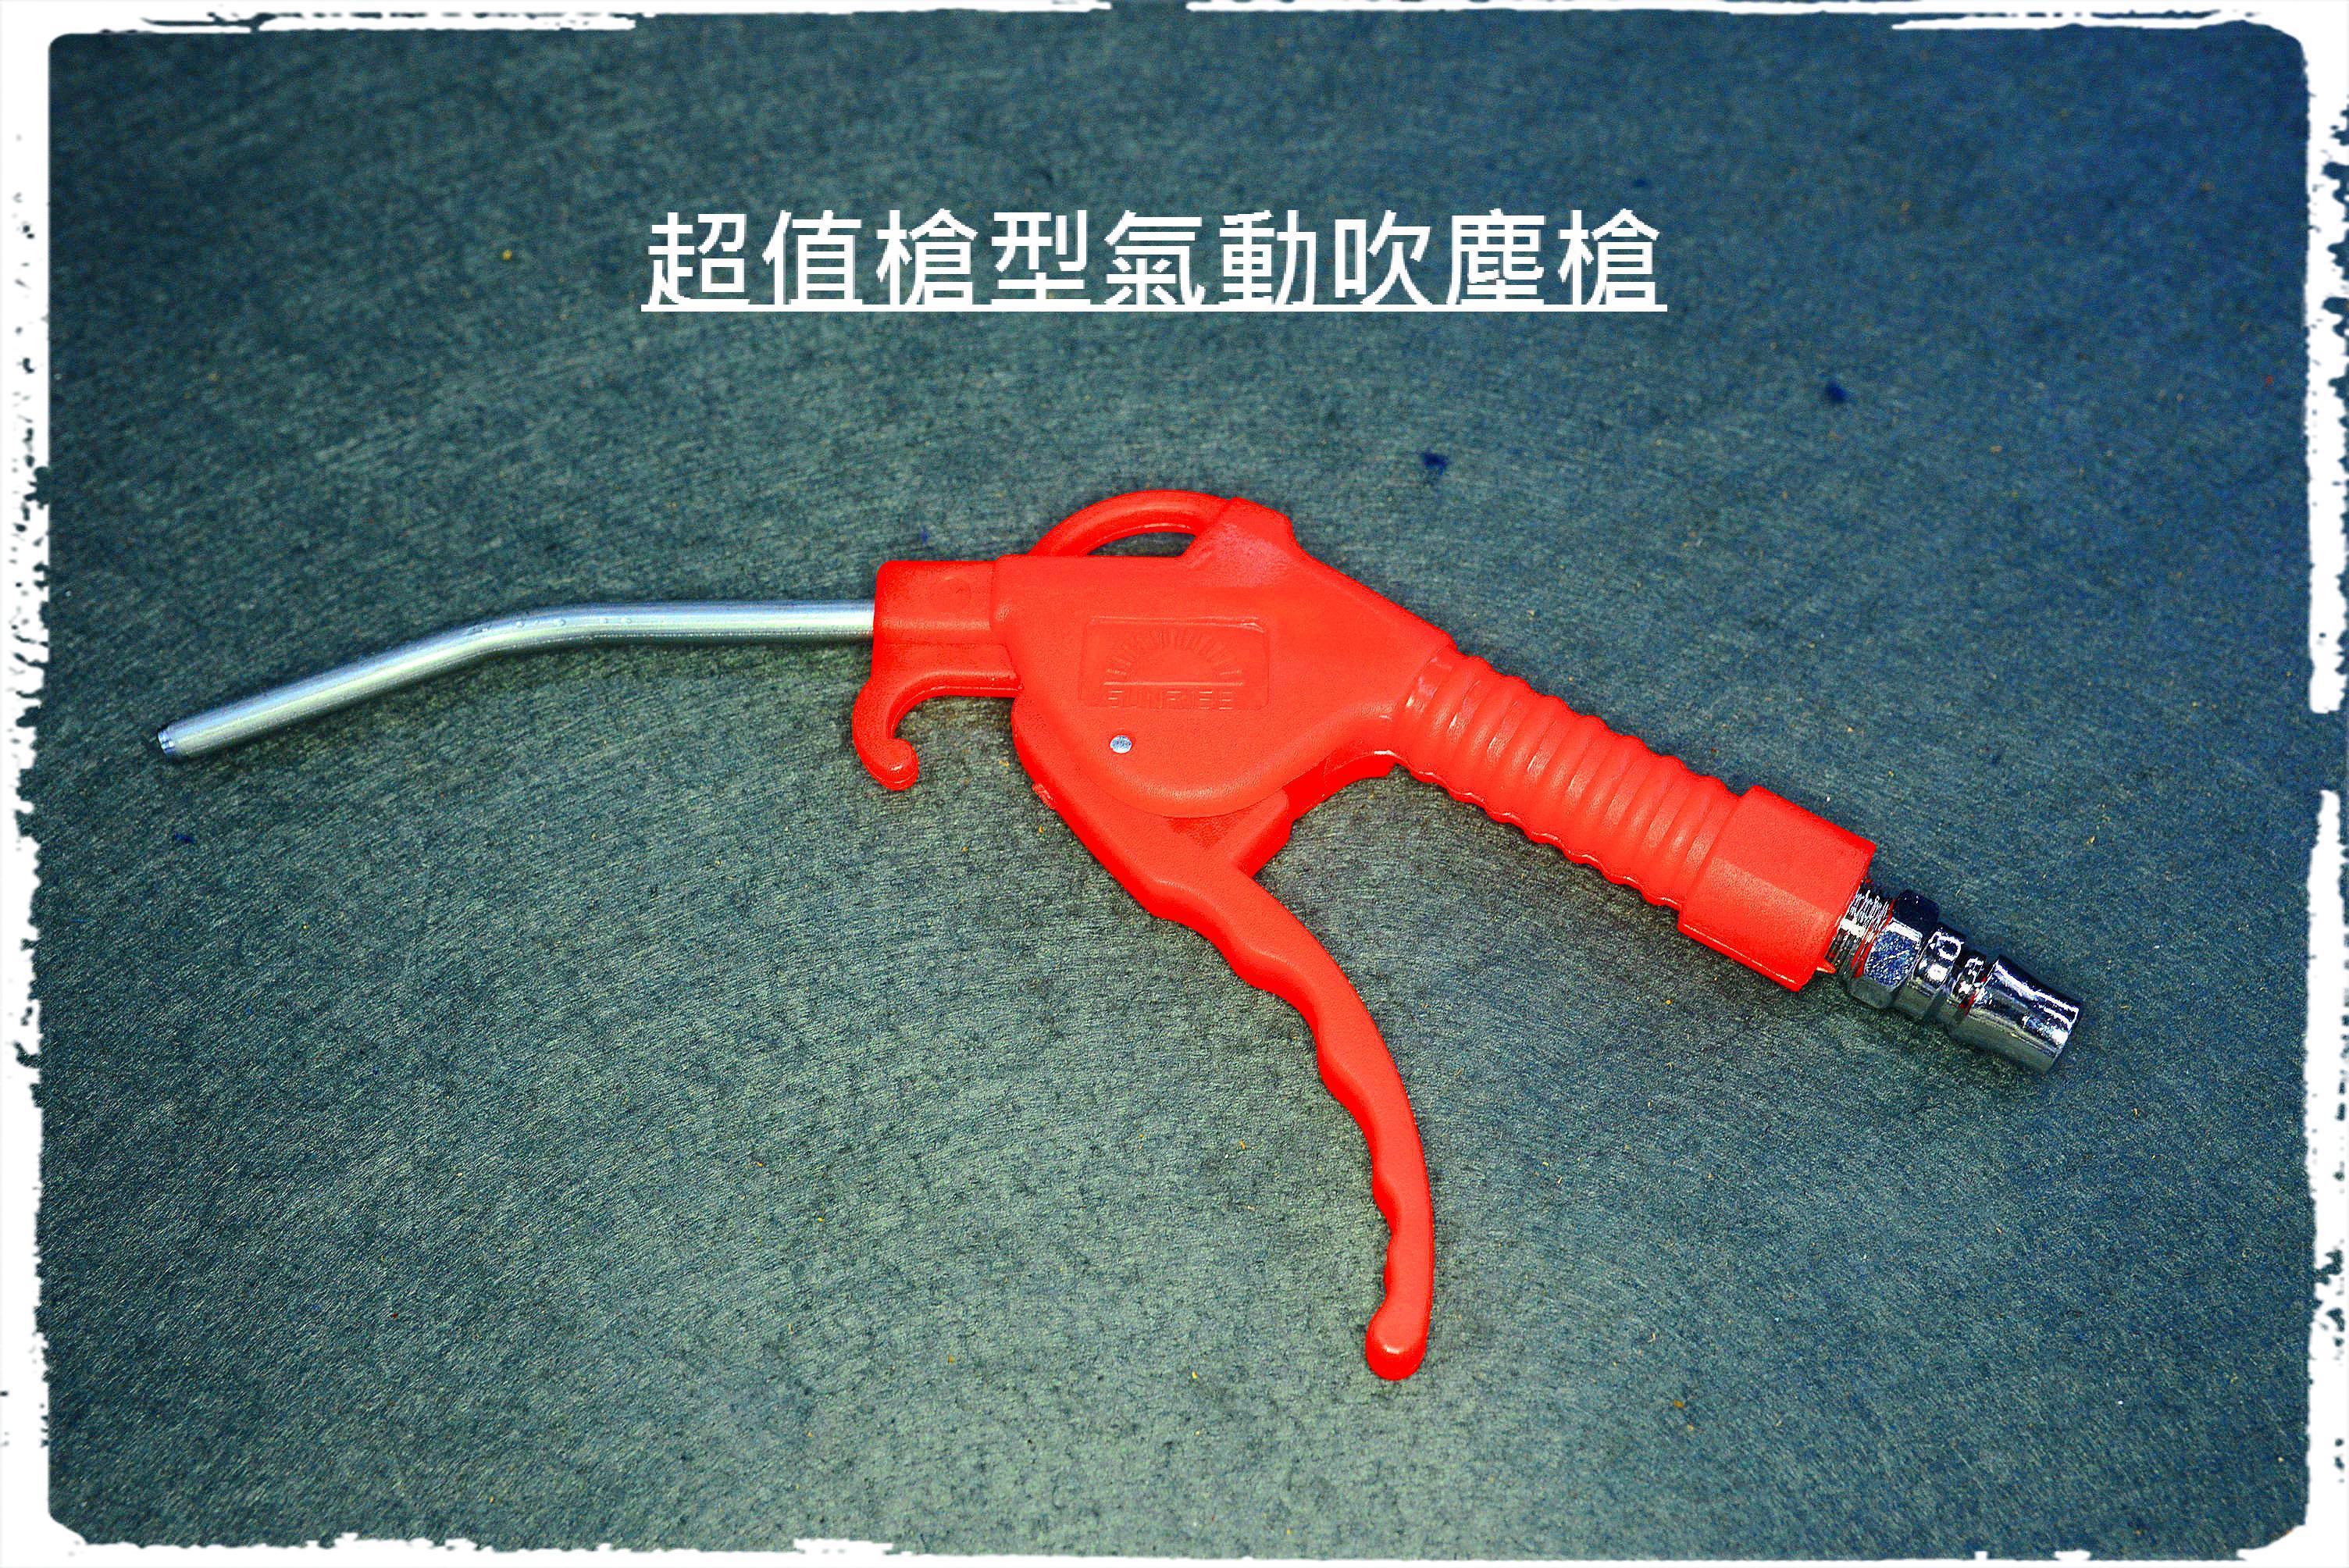 氣動塑鋼吹塵槍 除塵槍風槍 空氣槍 5吋研磨機 電動打蠟機刻磨機 鋰電鑽頭 美容清潔烤漆木工空壓機 過濾水器調壓器調速器